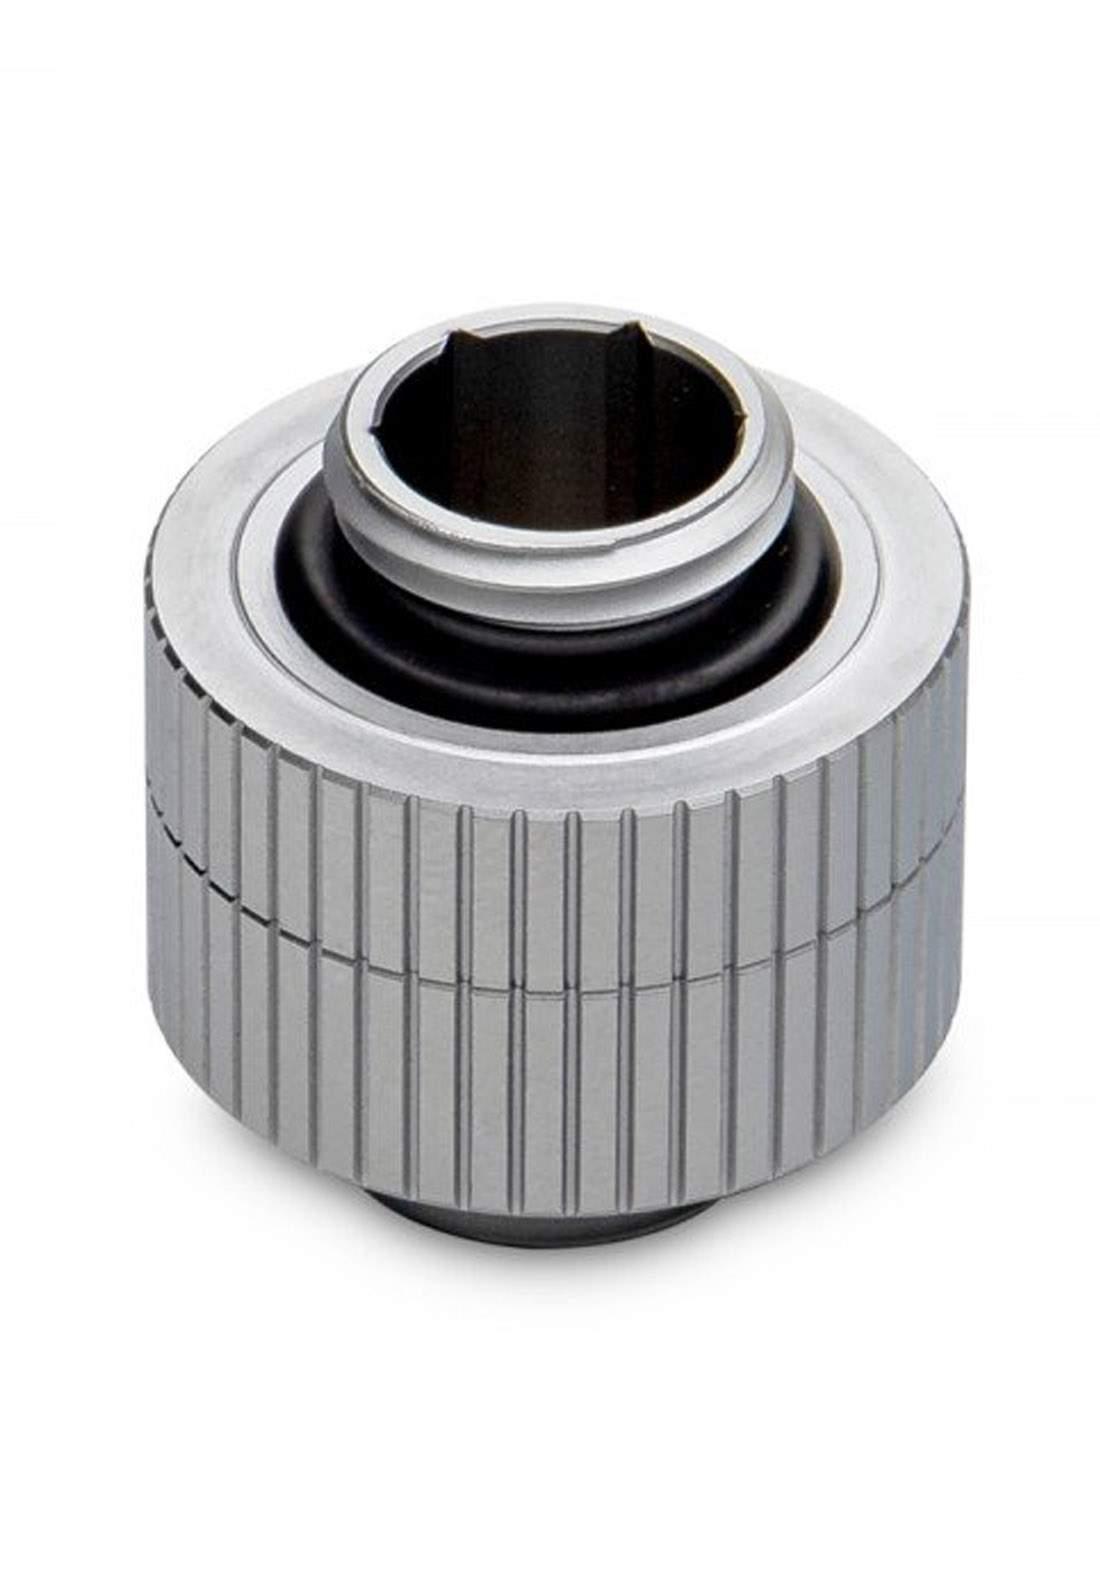 EK-Quantum Torque Extender Rotary MM 14 - Satin Titanium